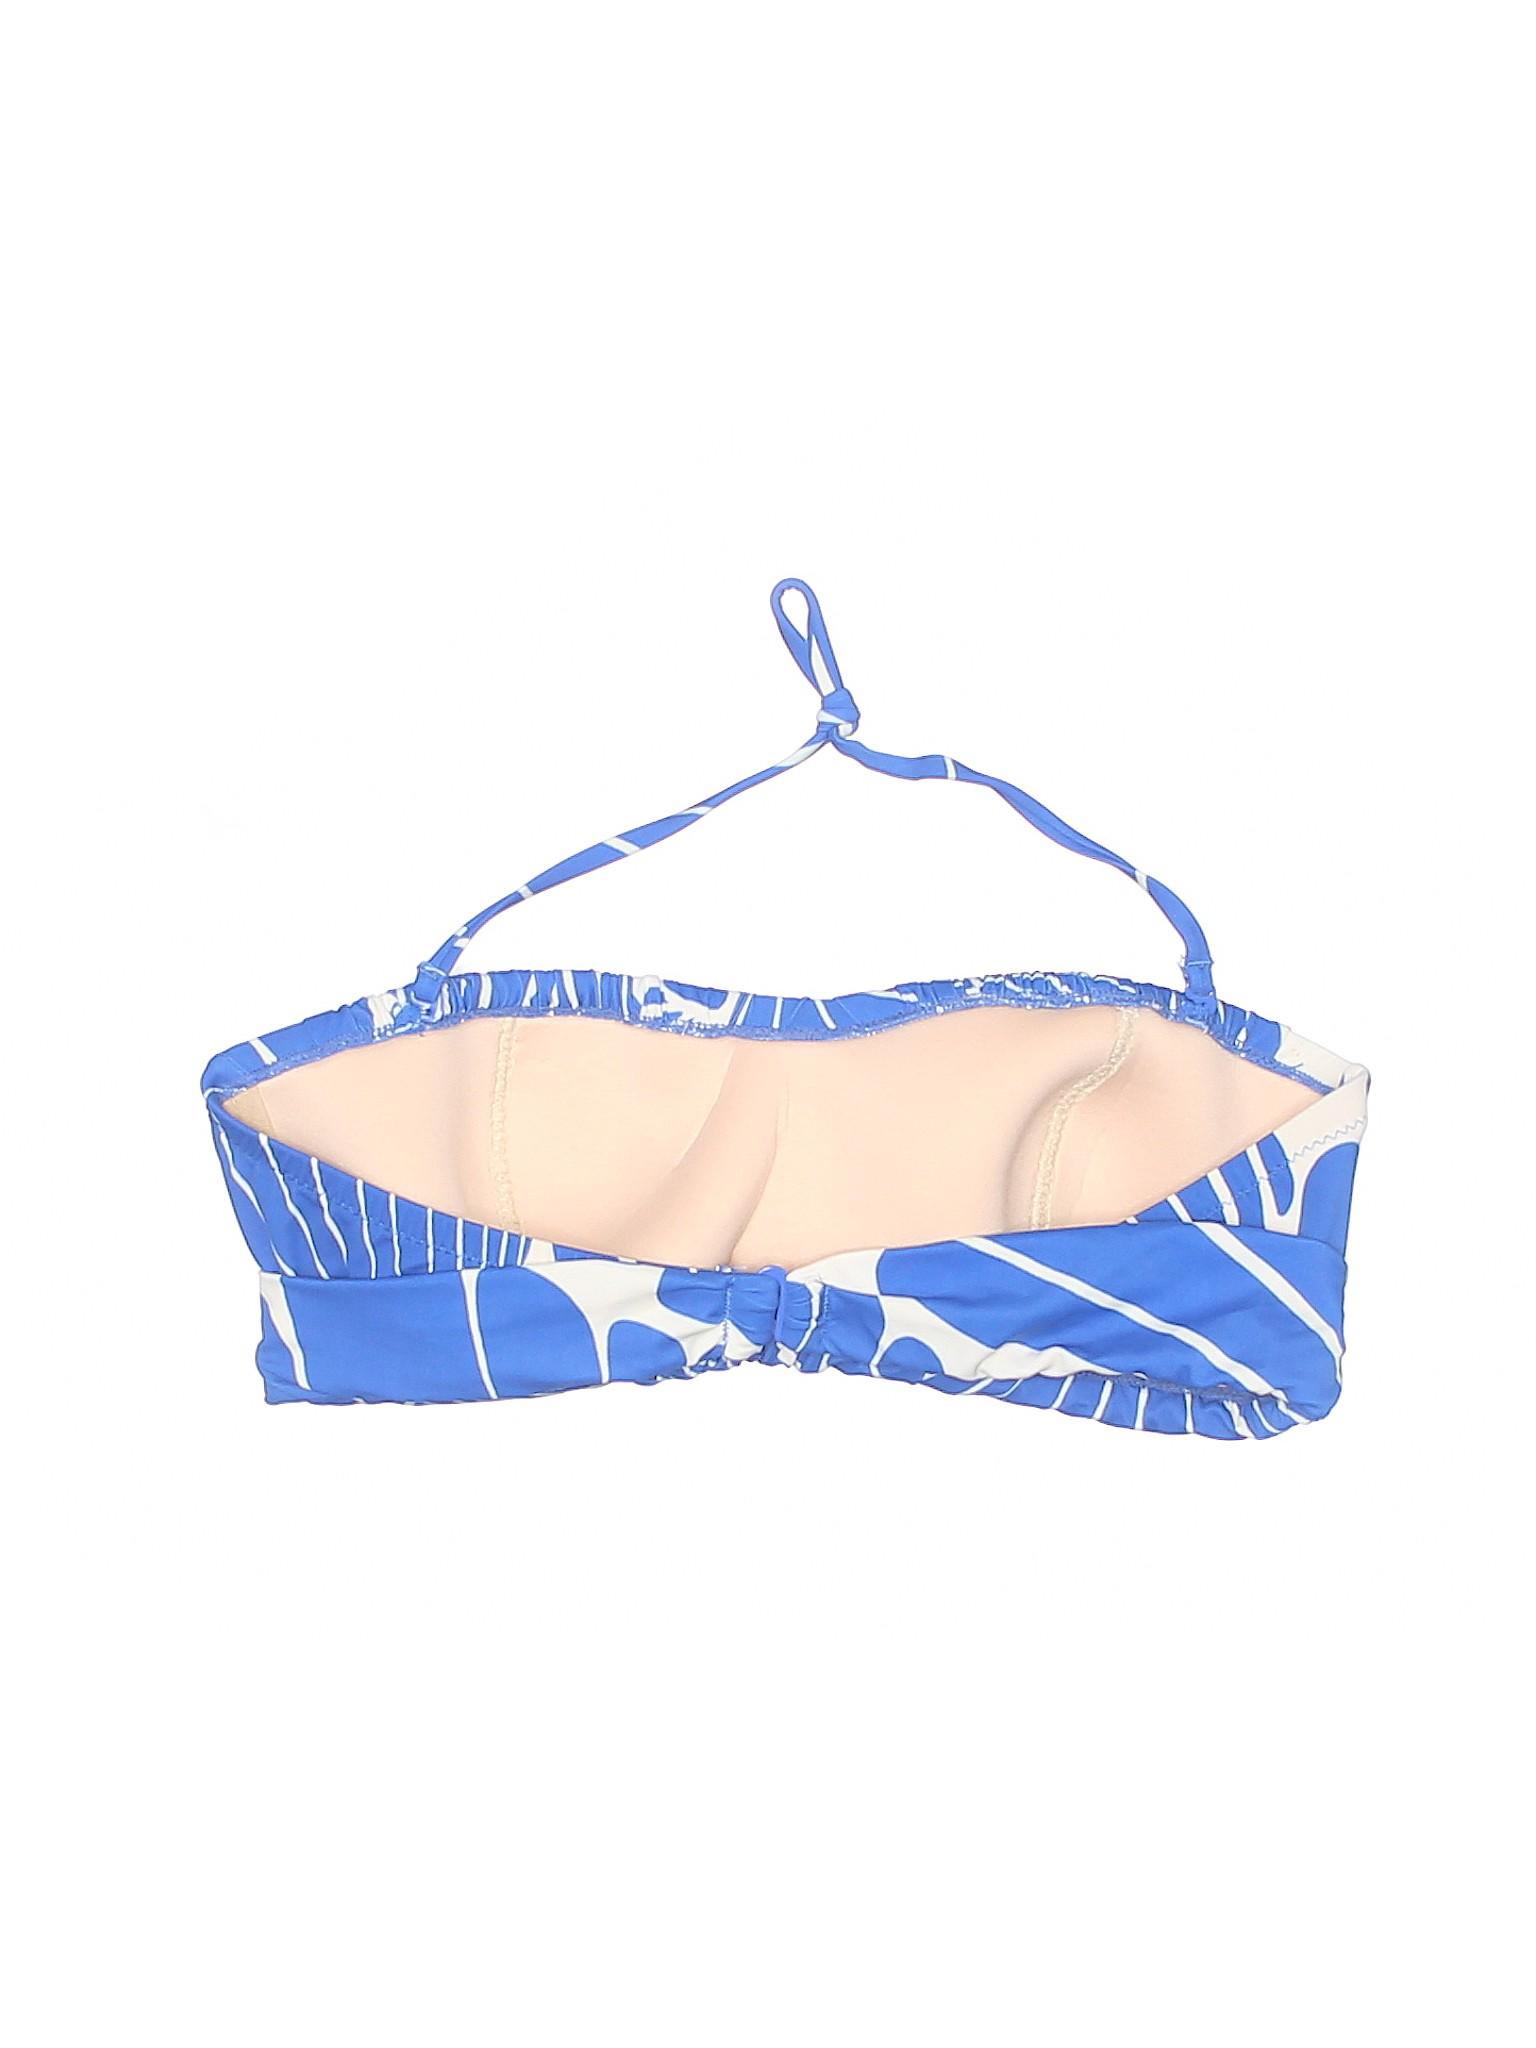 Swimsuit Top Crew Boutique J J Boutique qwfvK0F